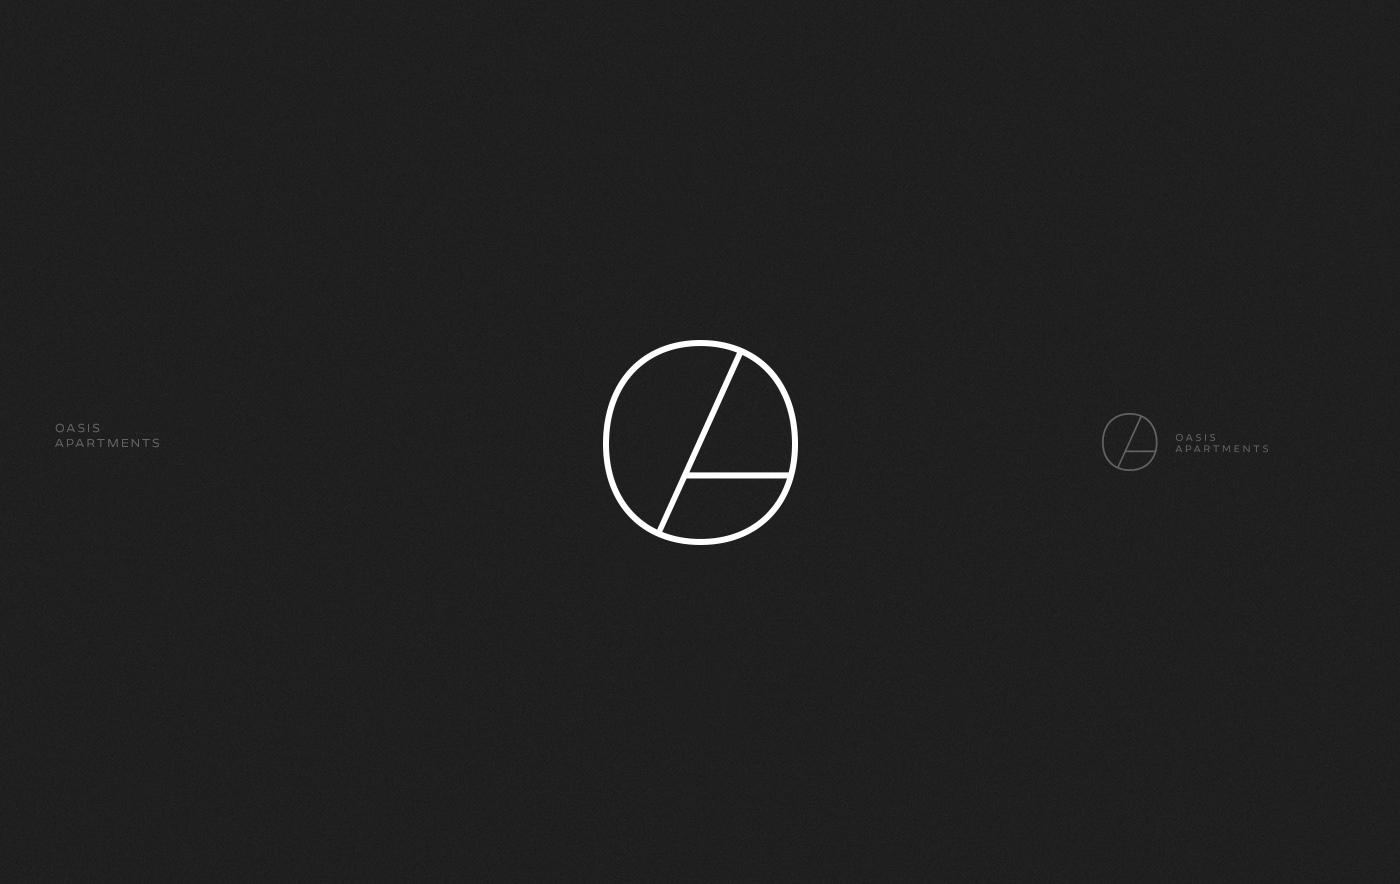 logo,mark,emblem,typo,csordi